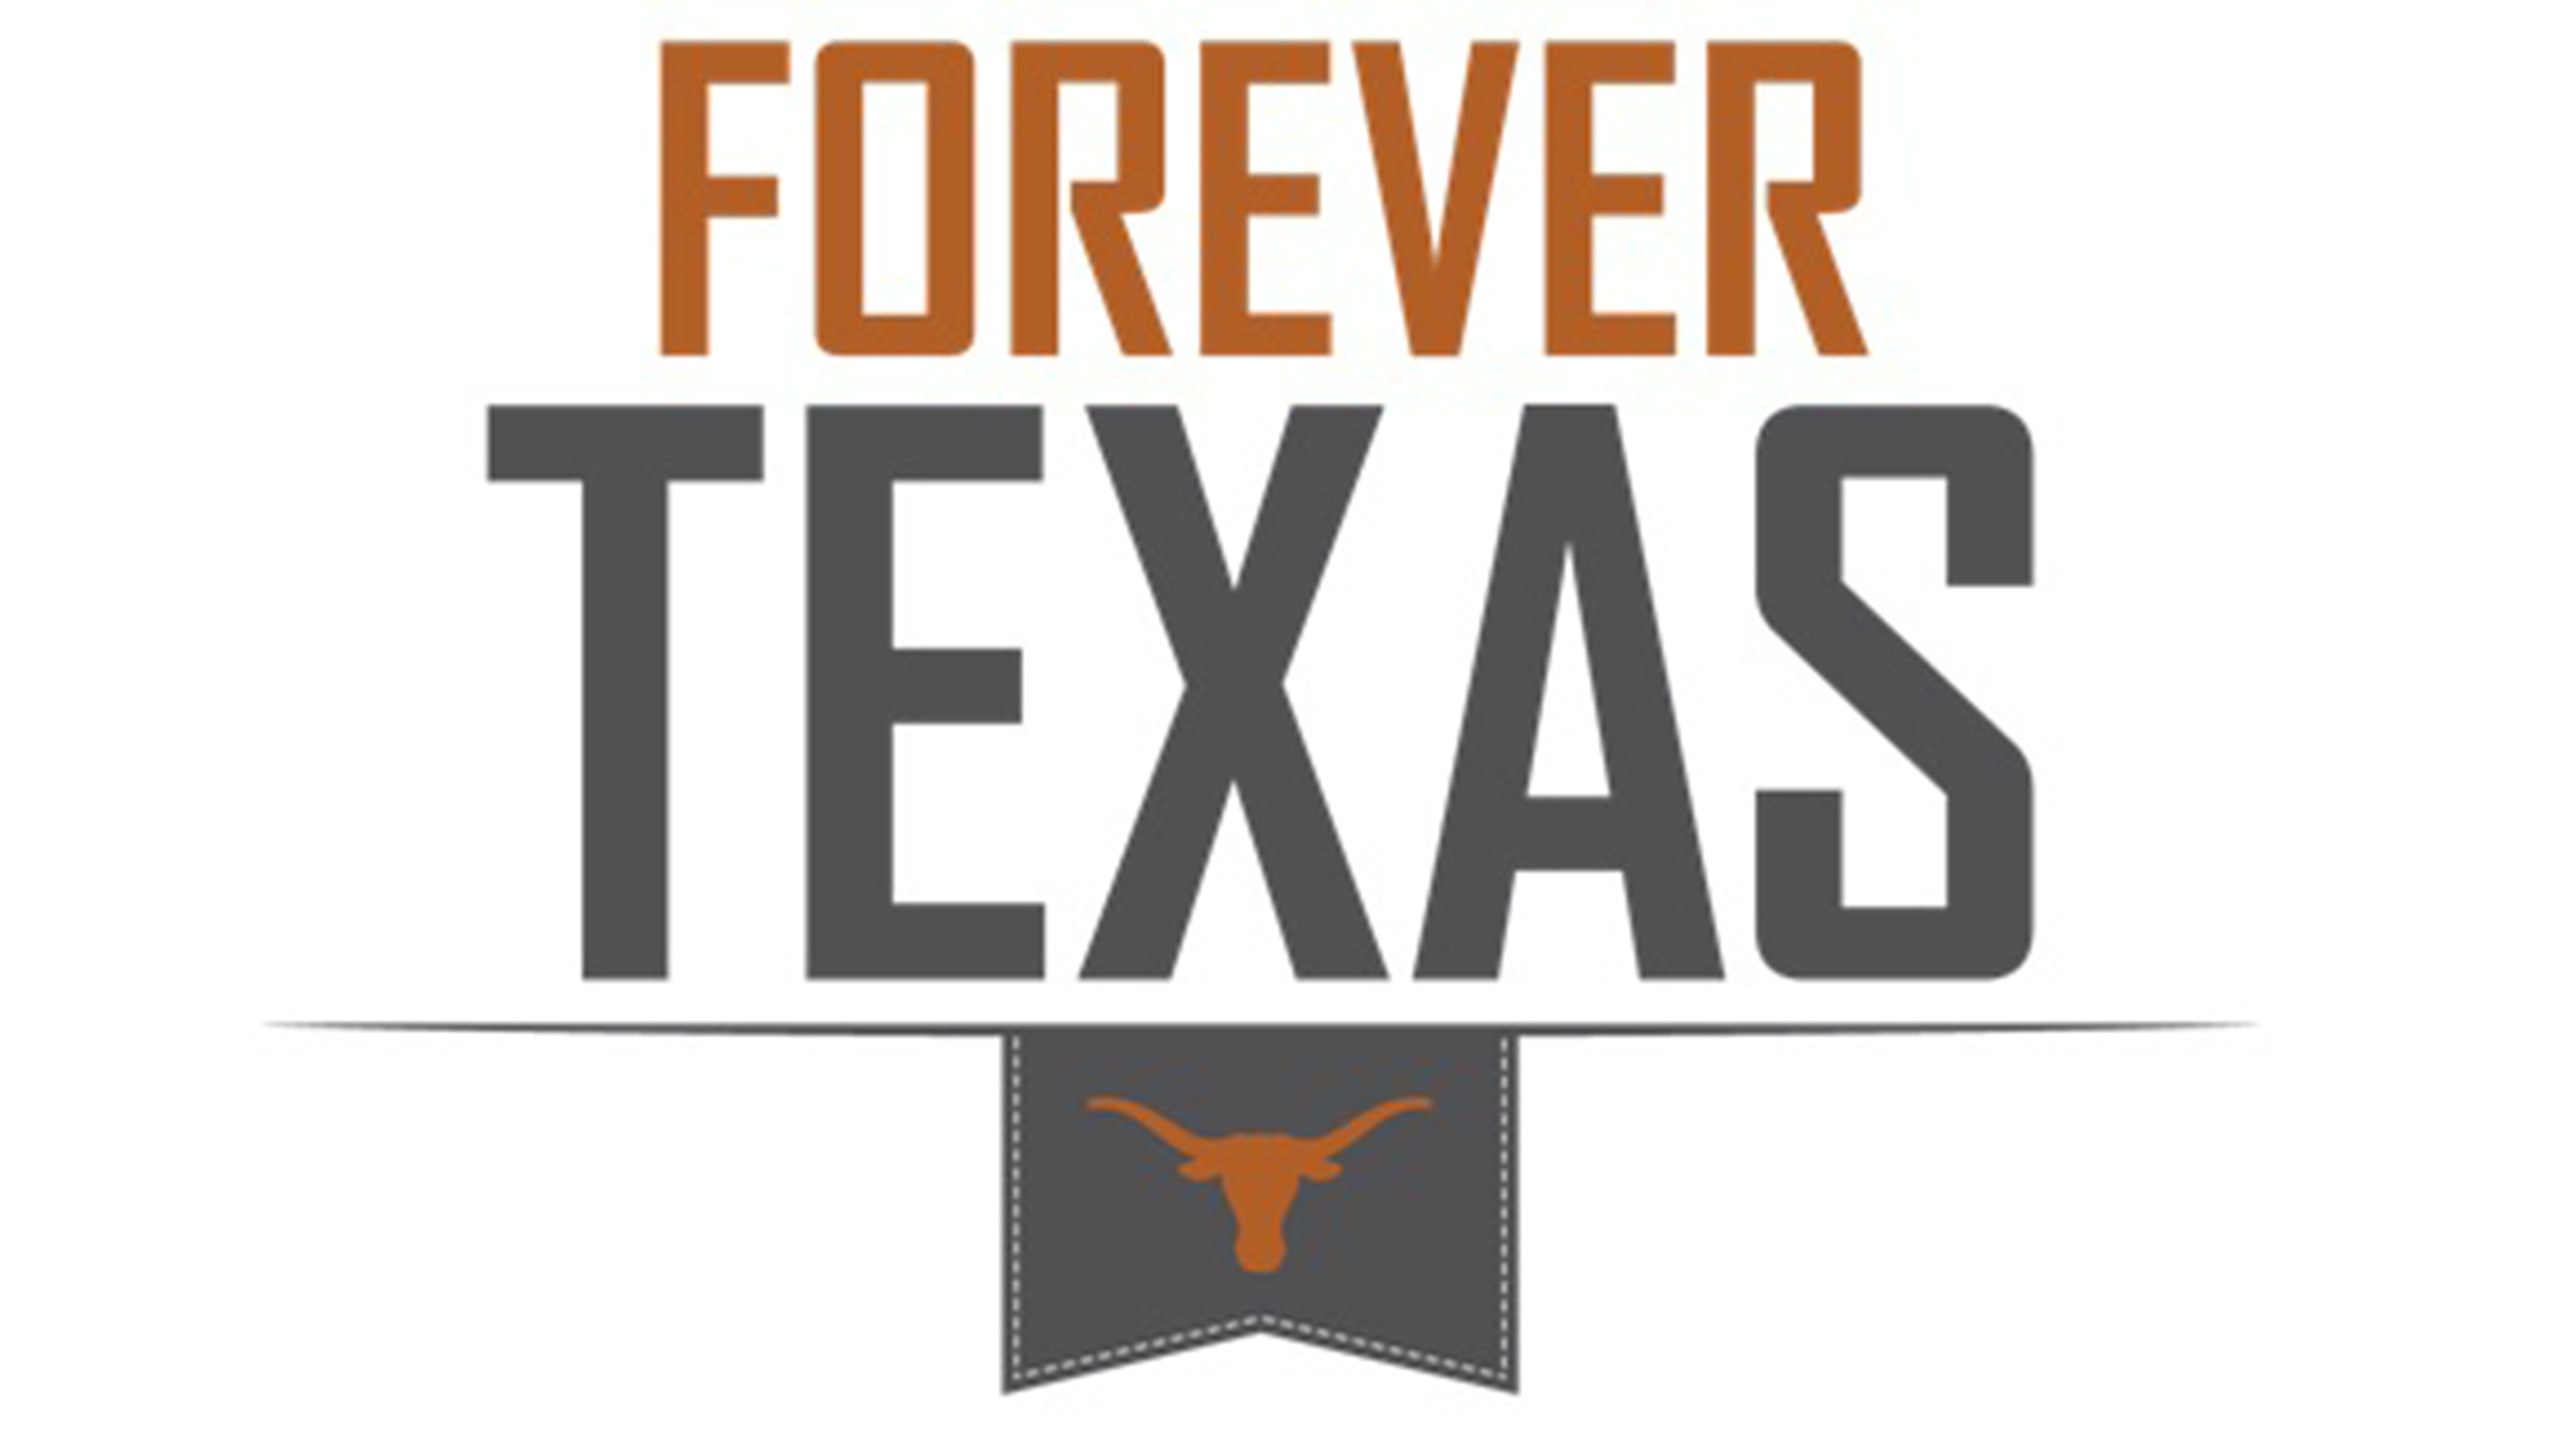 Forever Texas: Entrepreneurship